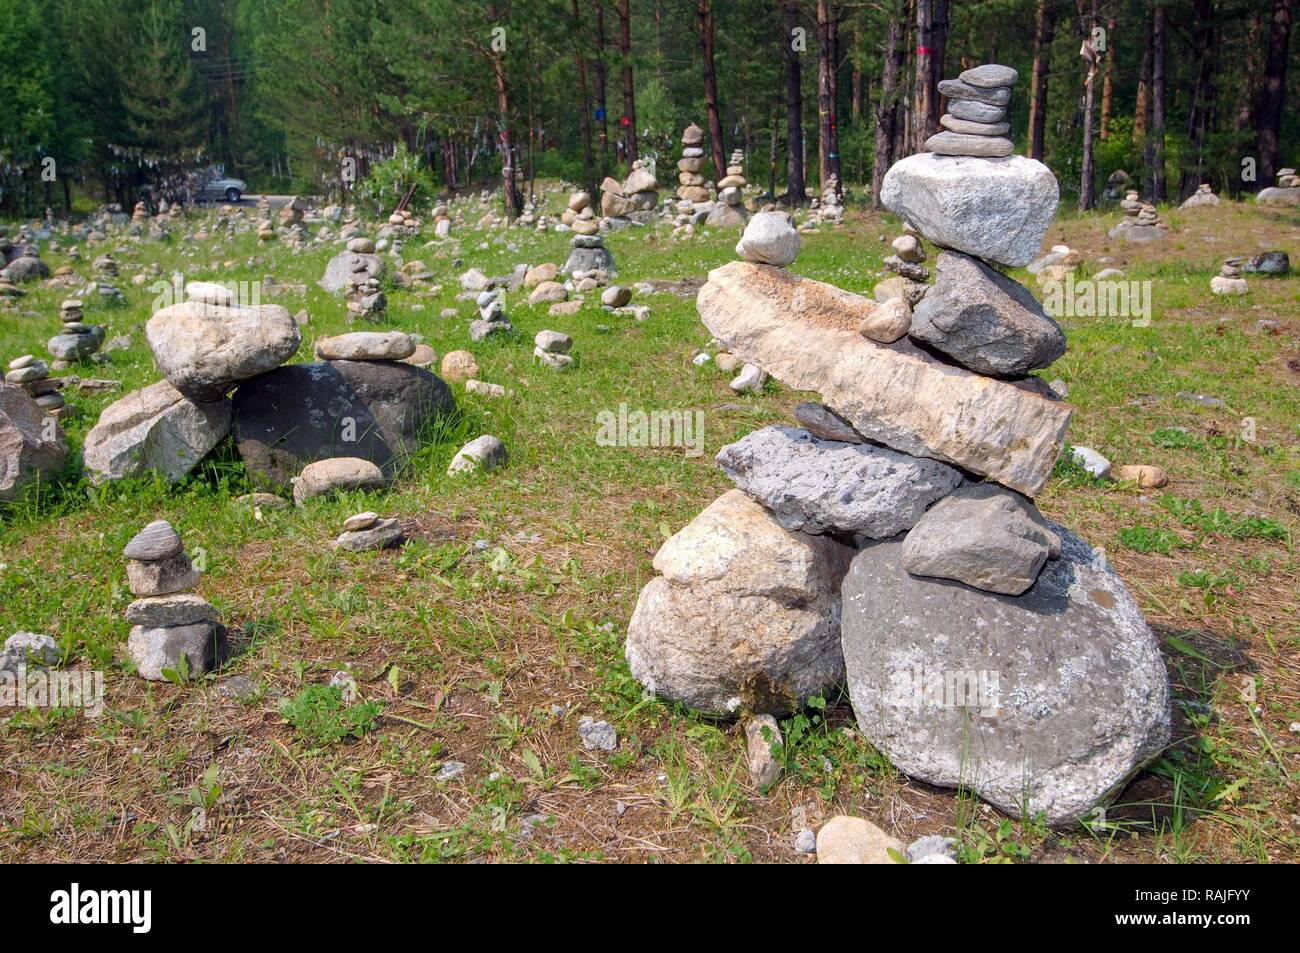 Steine für die Erfüllung der Wünsche, Stein, Garten, Arschan ...